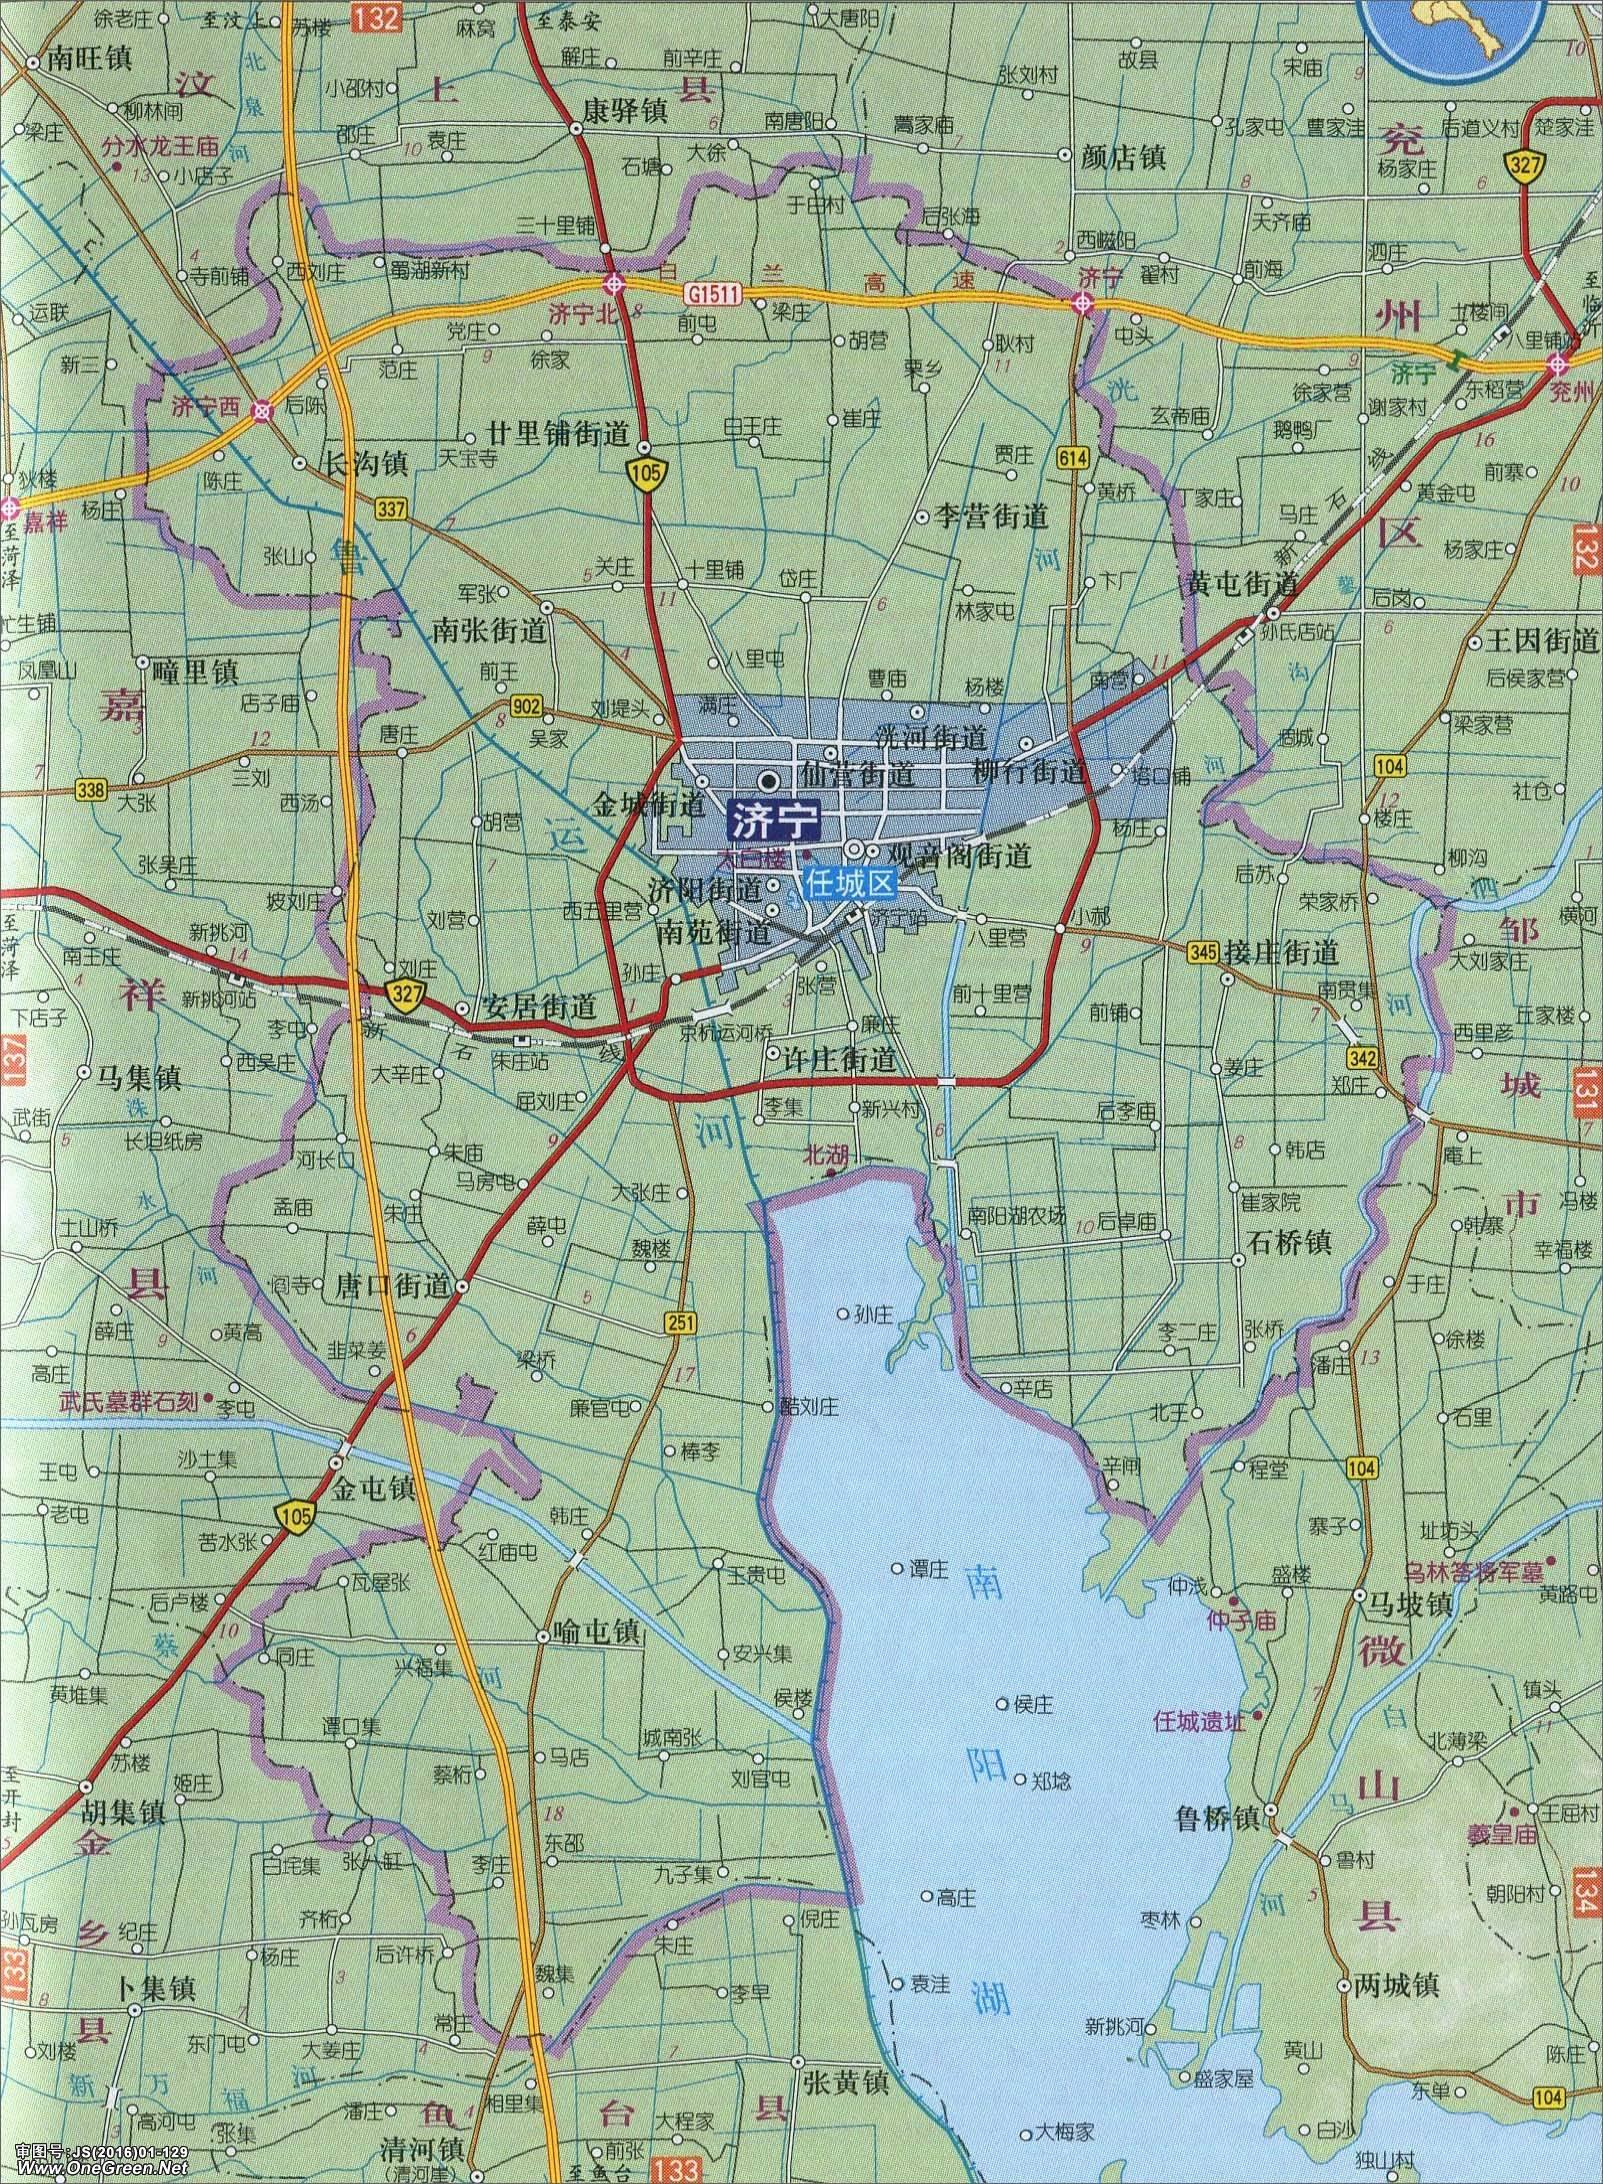 美国德州地图全图